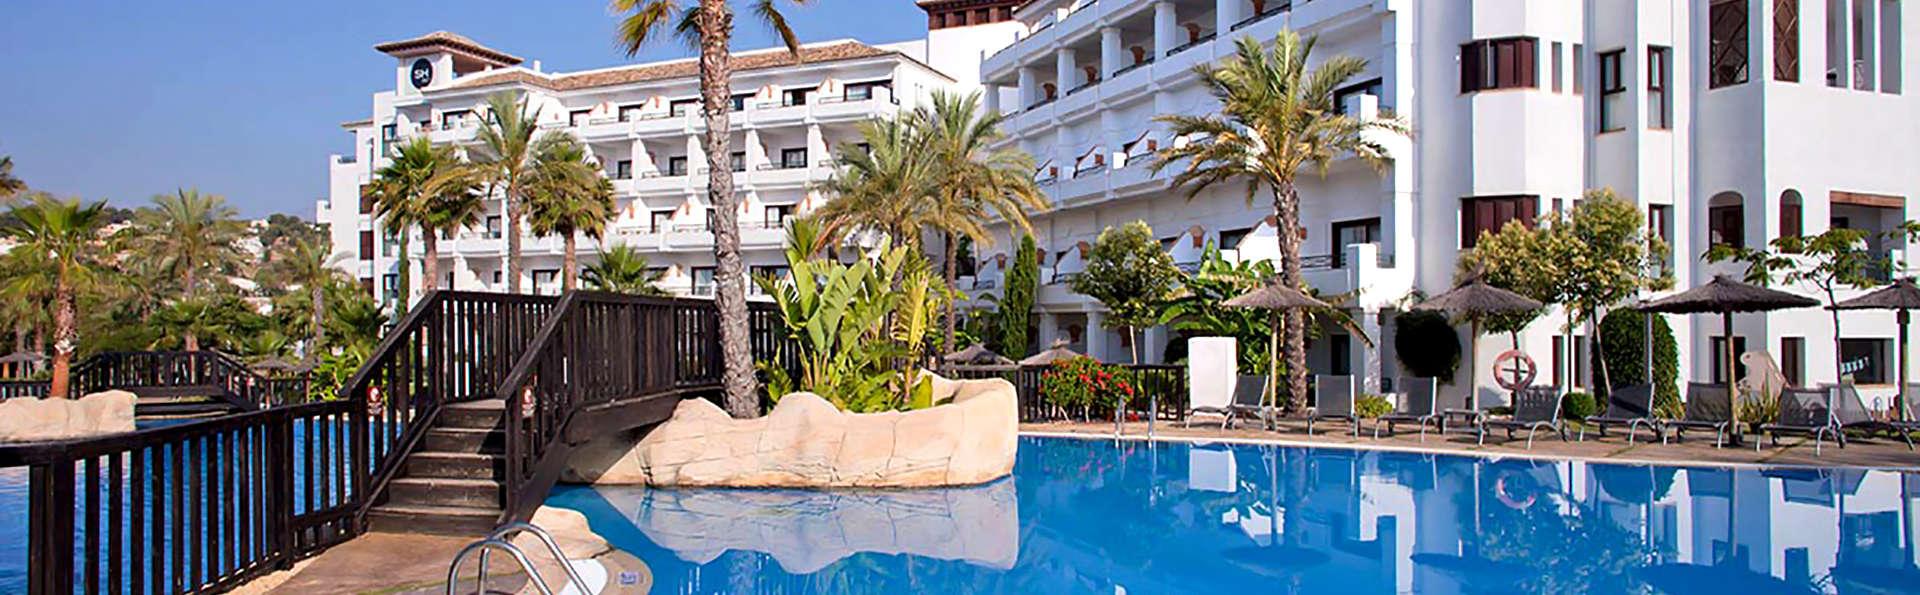 SH Villa Gadea  - Edit_Pool3.jpg